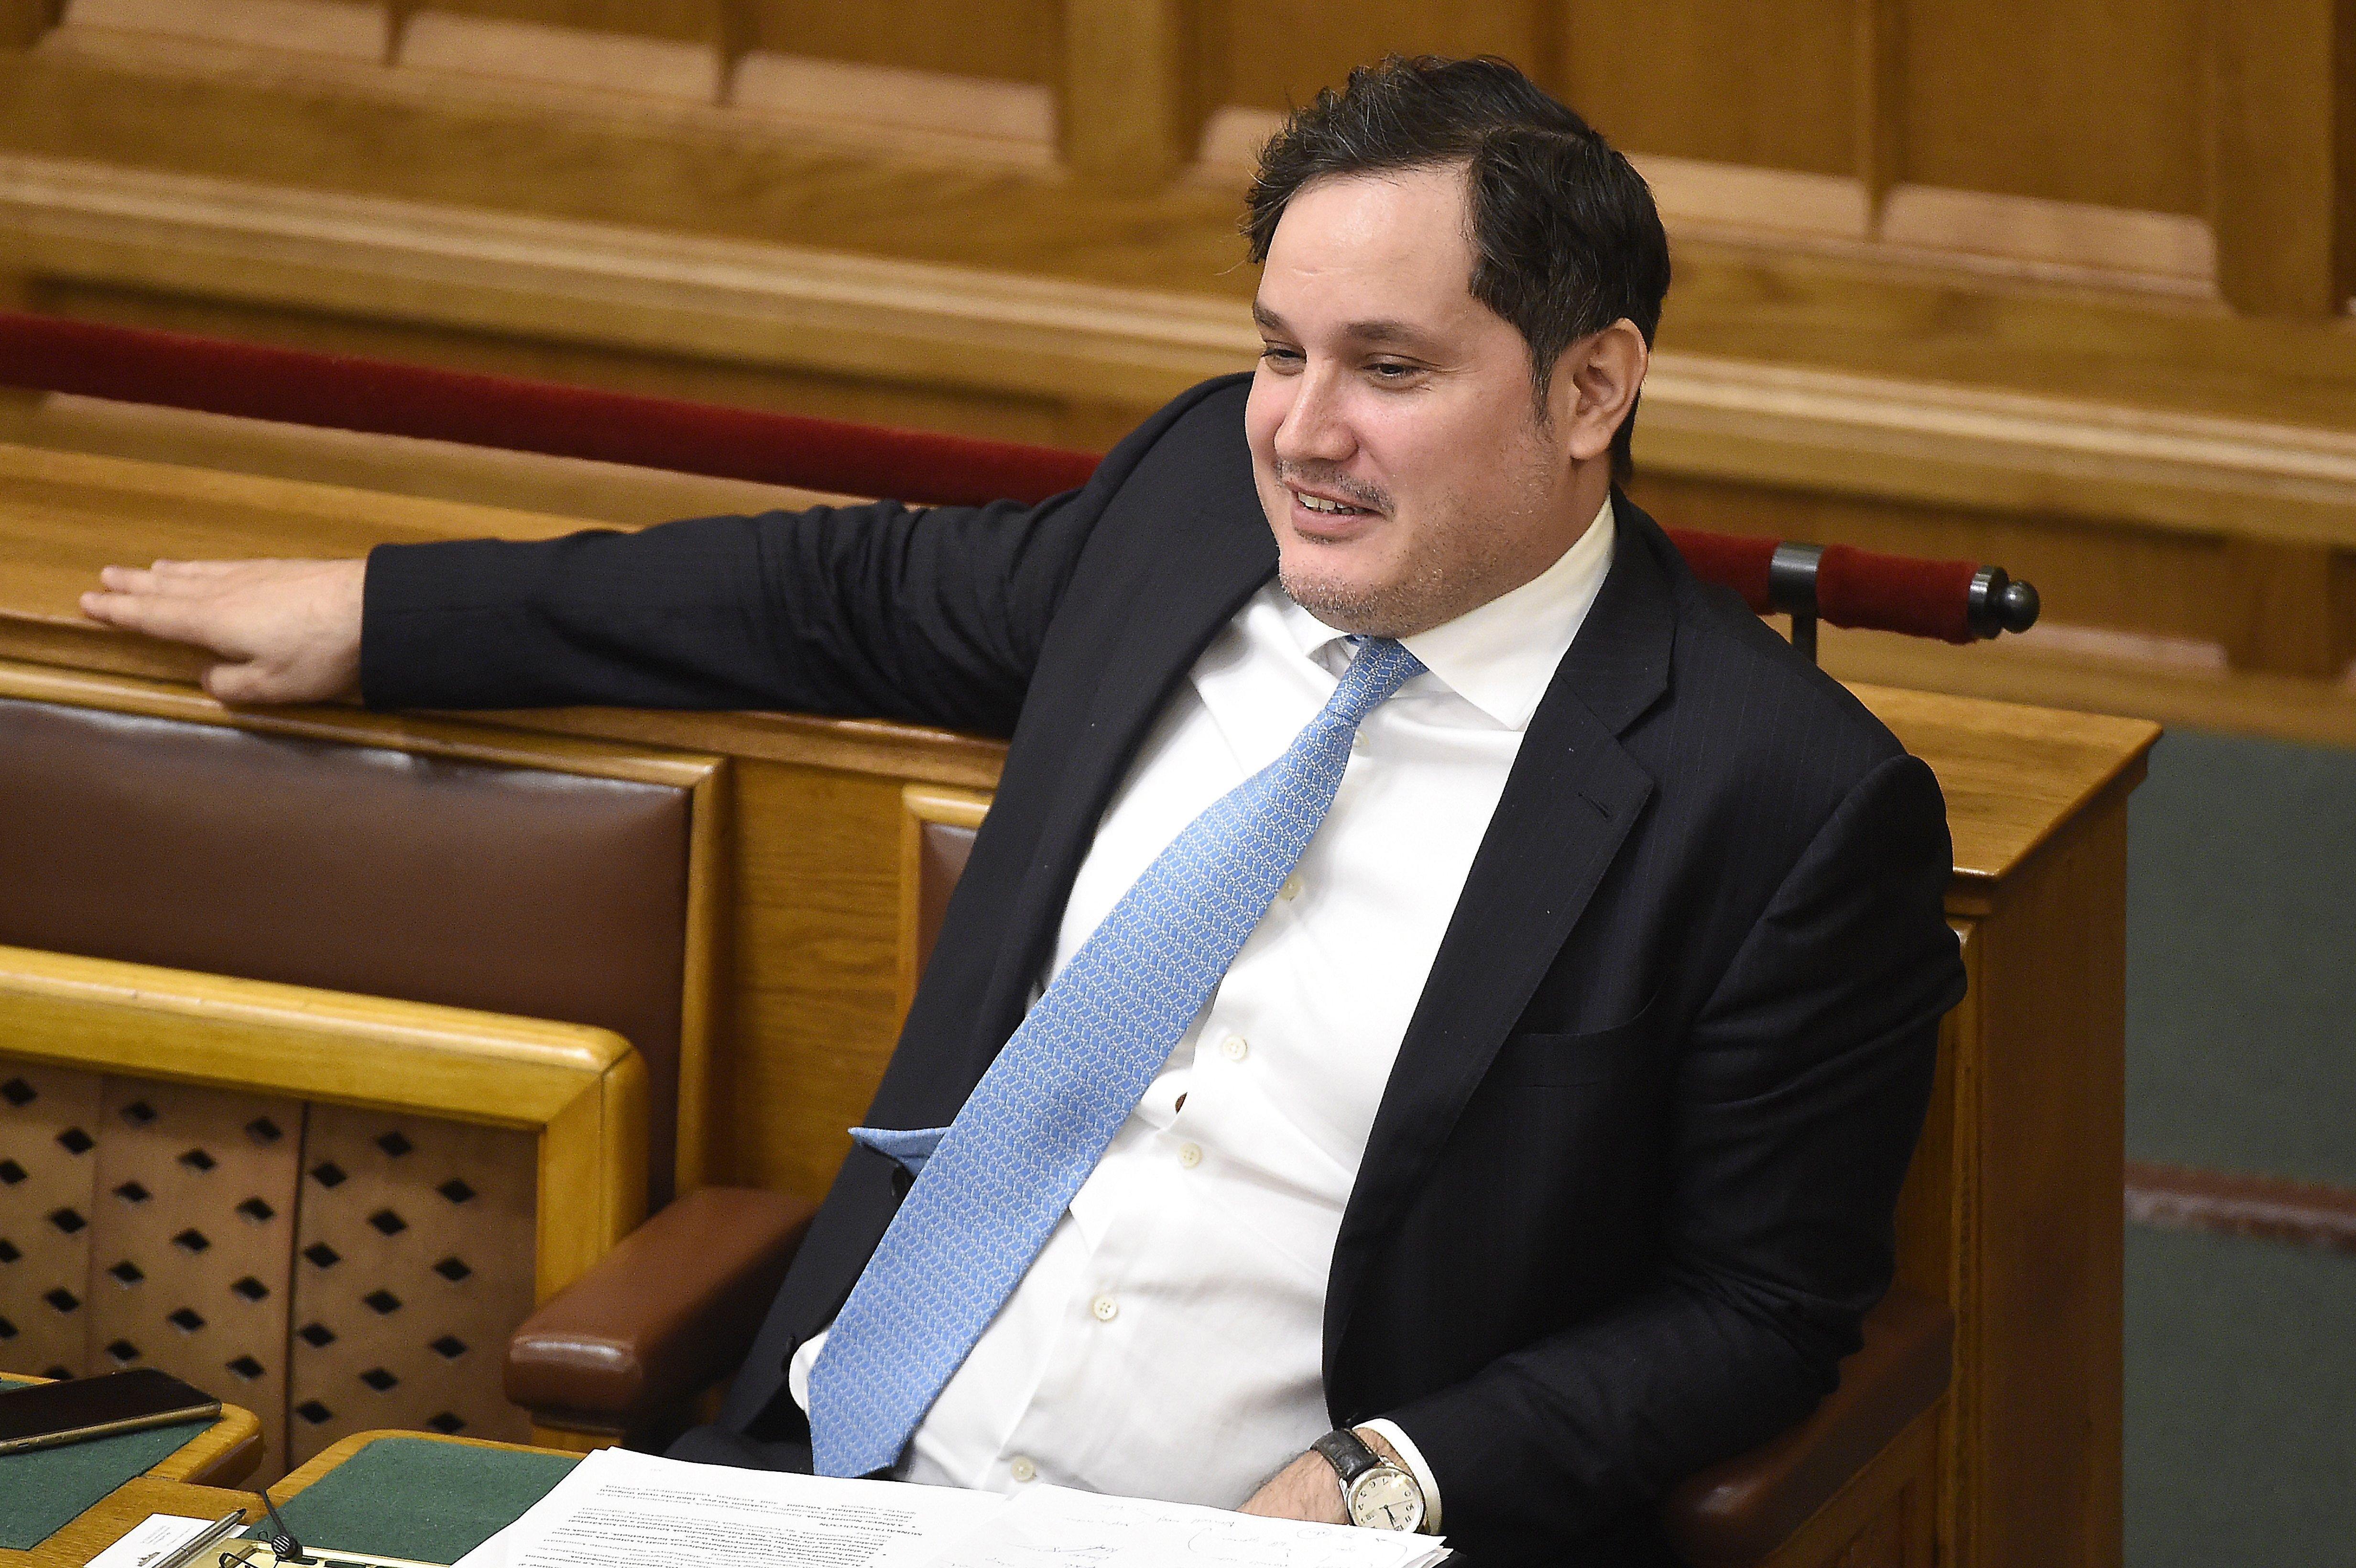 Lemondott Nagy Márton, a Nemzeti Bank alelnöke